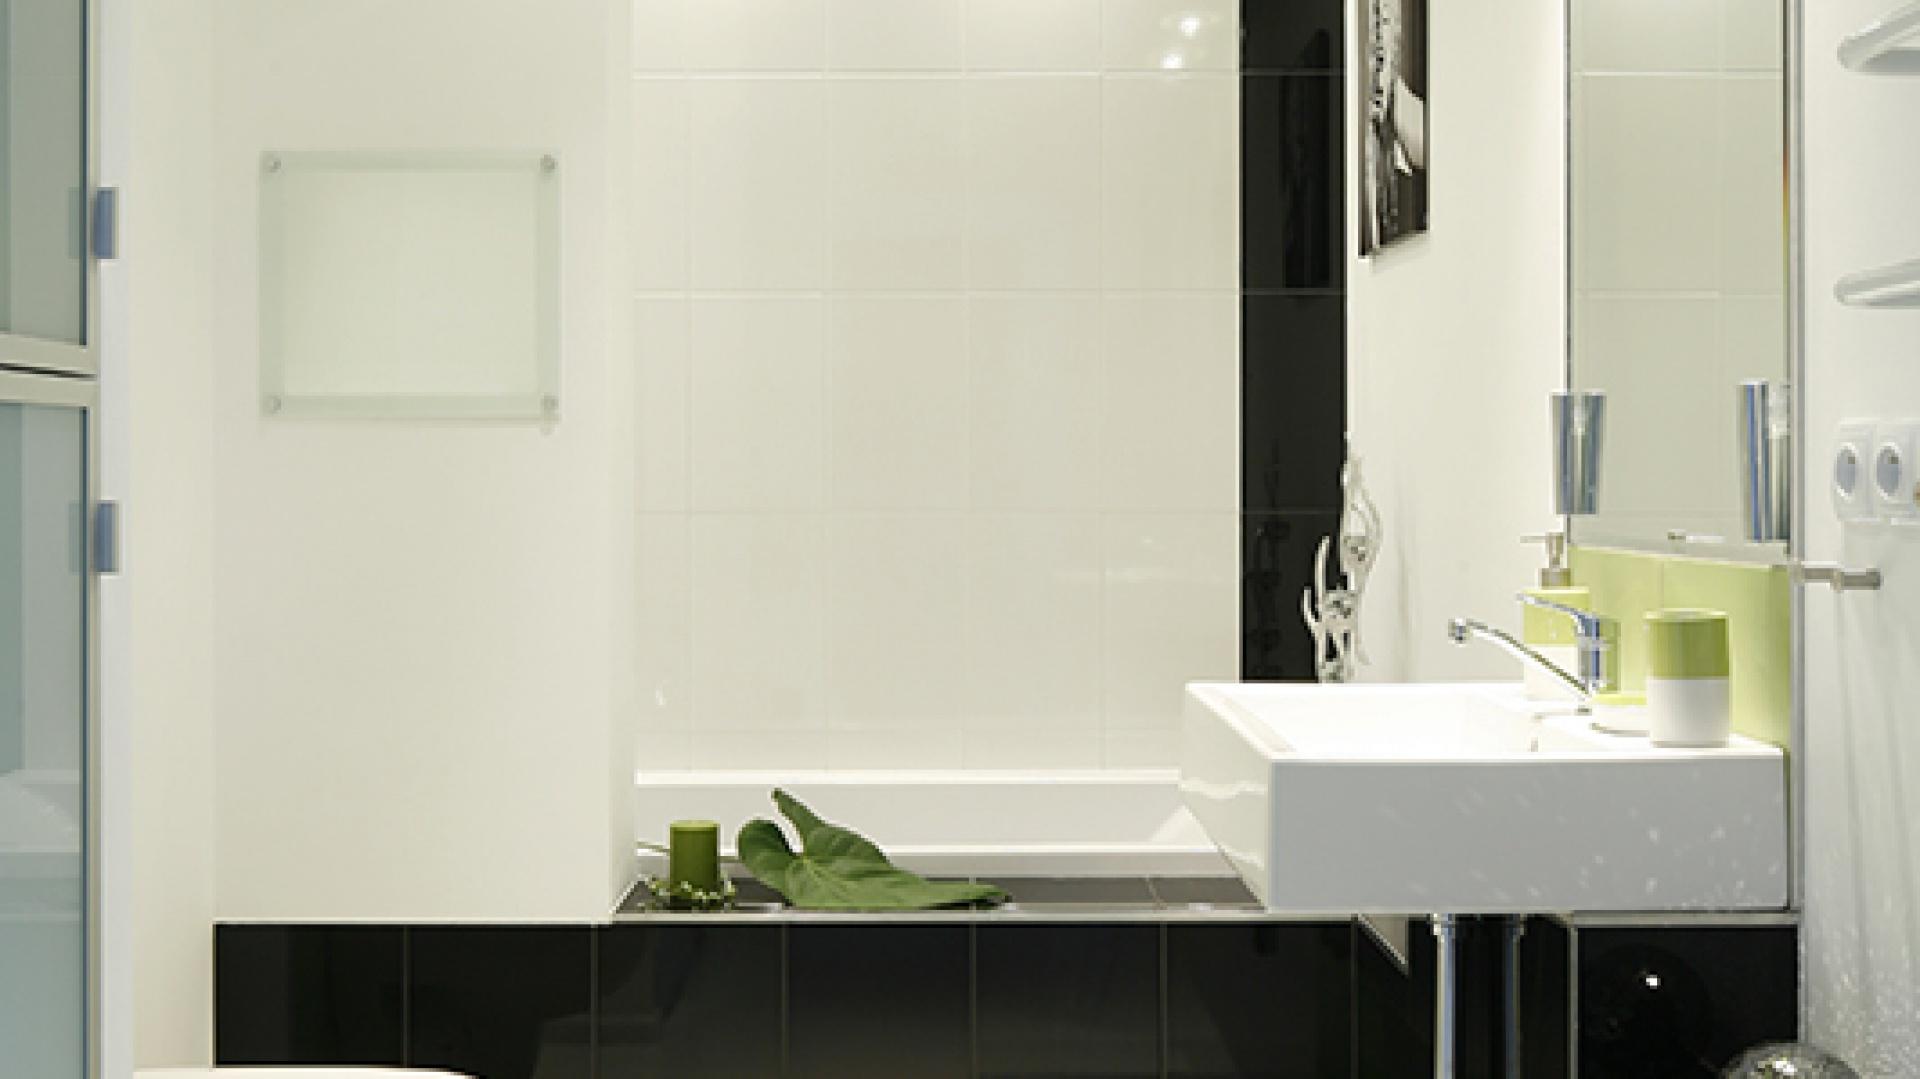 Przesłona wanny (Cersanit) to forma nowoczesnego parawanu, z półkami osłoniętymi szkłem. Pralka schowana dyskretnie w zabudowanym słupku (po lewej) nie zdradza swej obecności. Fot. Bartosz Jarosz.